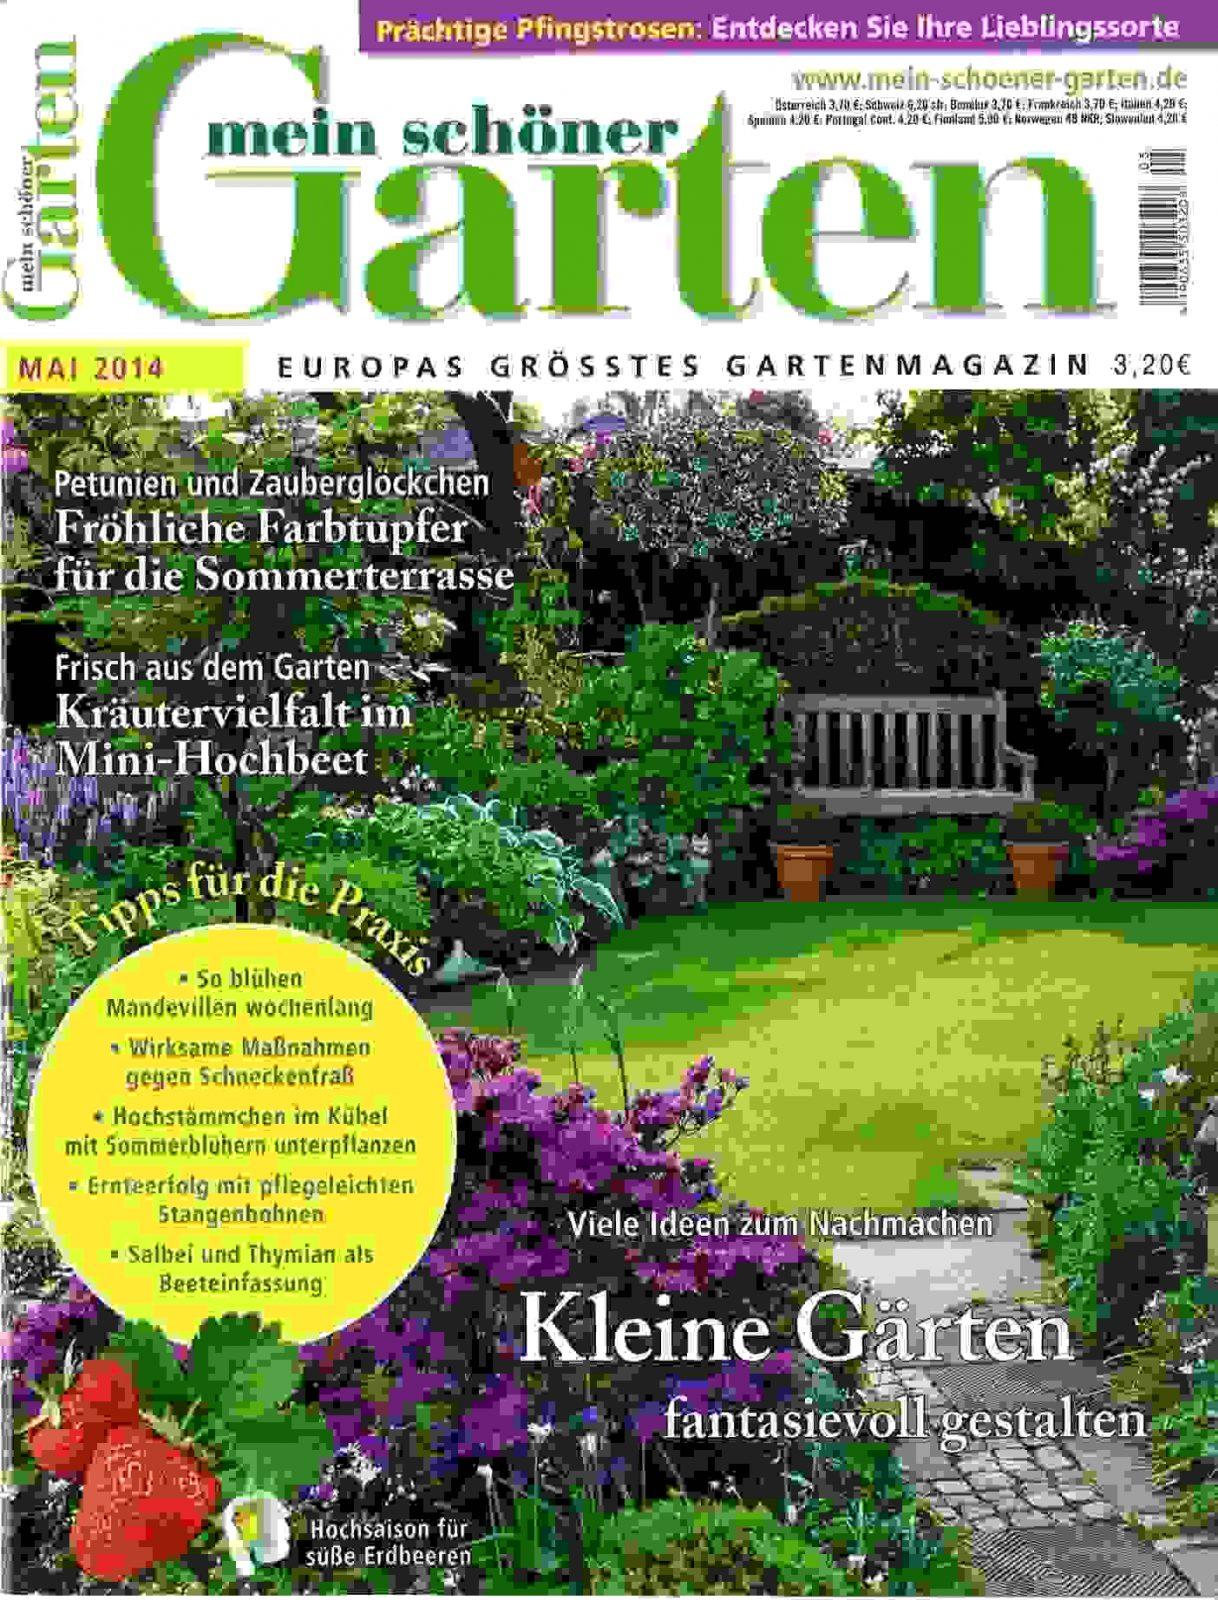 Mein Schöner Garten Spezial Produkt  Almo Drg von Mein Schöner Garten Geschenkabo Bild